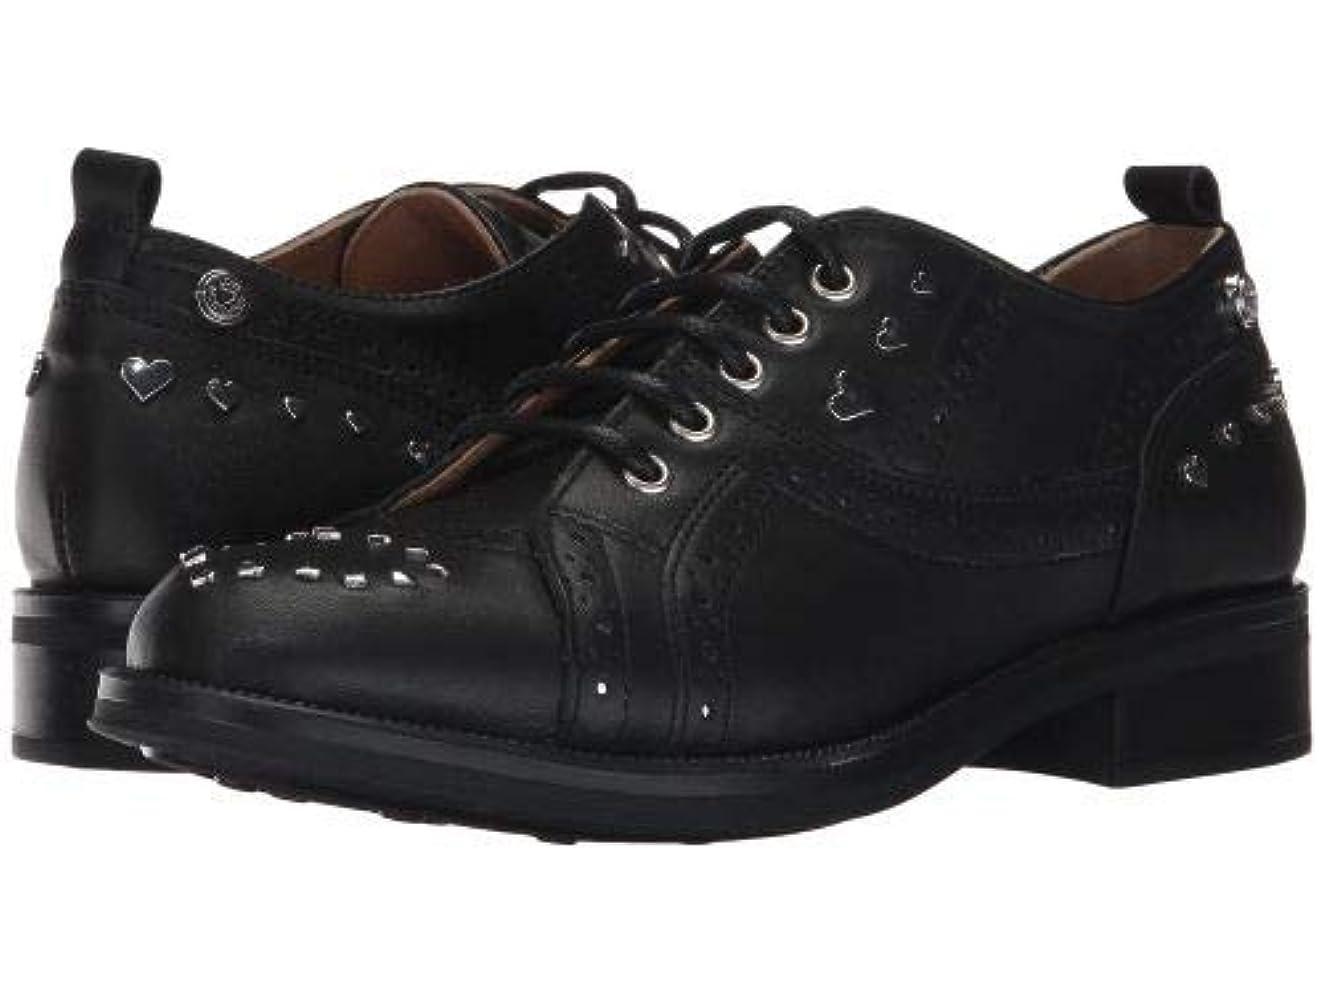 アラブ声を出して批判的にLove Moschino(ラブ モスキーノ) レディース 女性用 シューズ 靴 オックスフォード 紳士靴 通勤靴 Brogue - Black/Silver [並行輸入品]